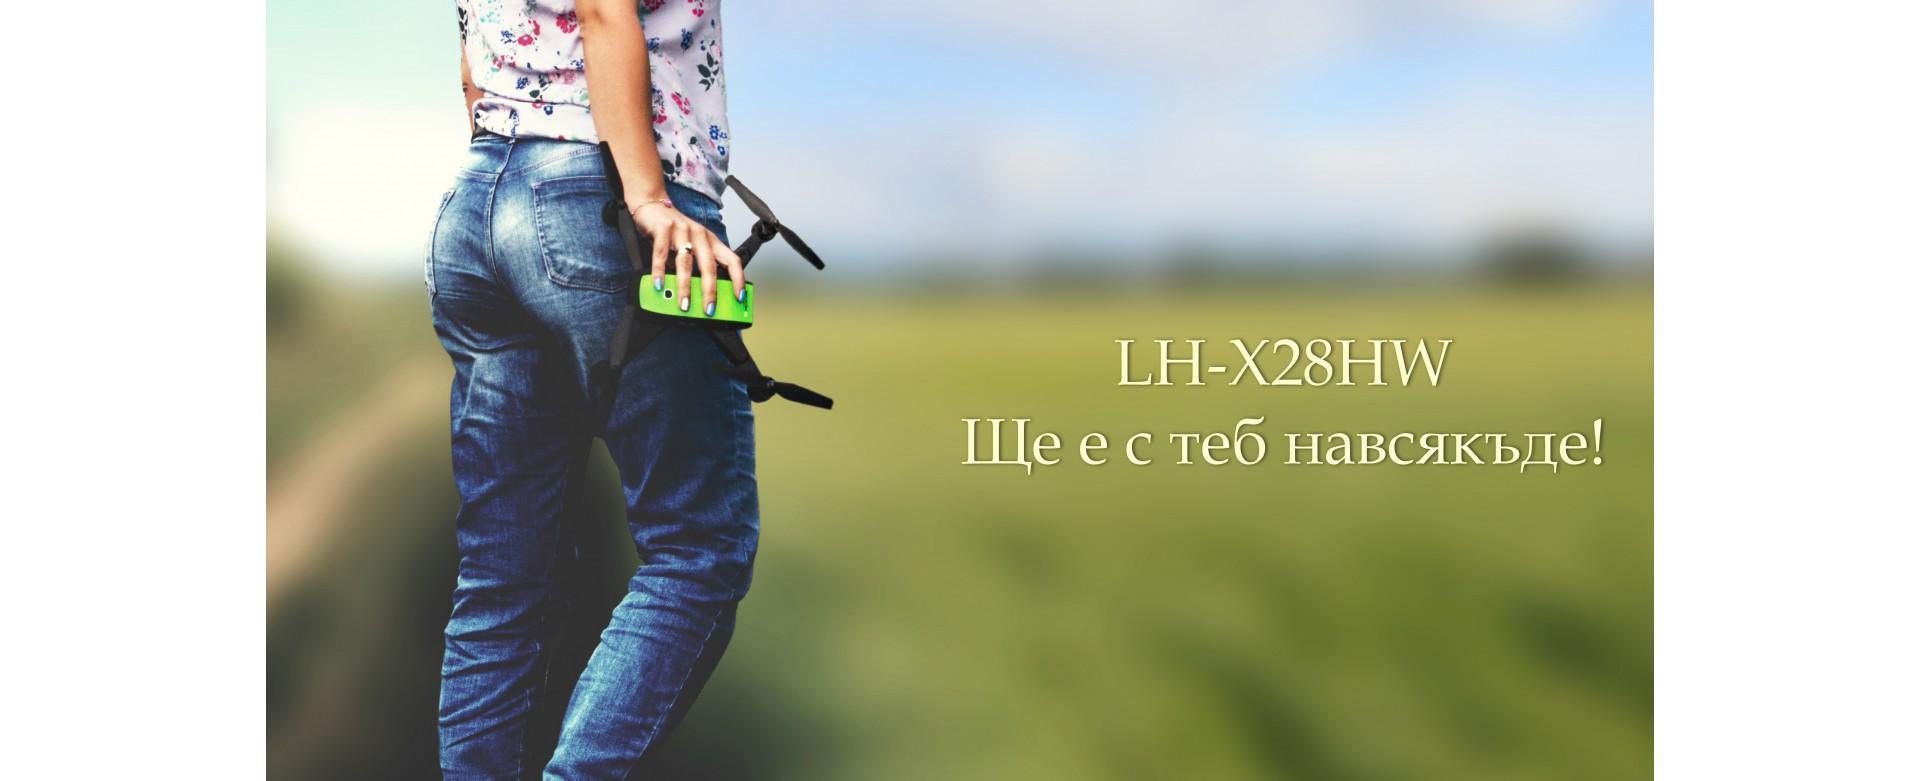 Foldable Drone with HD camera LH-X28HW AeroCam.bg